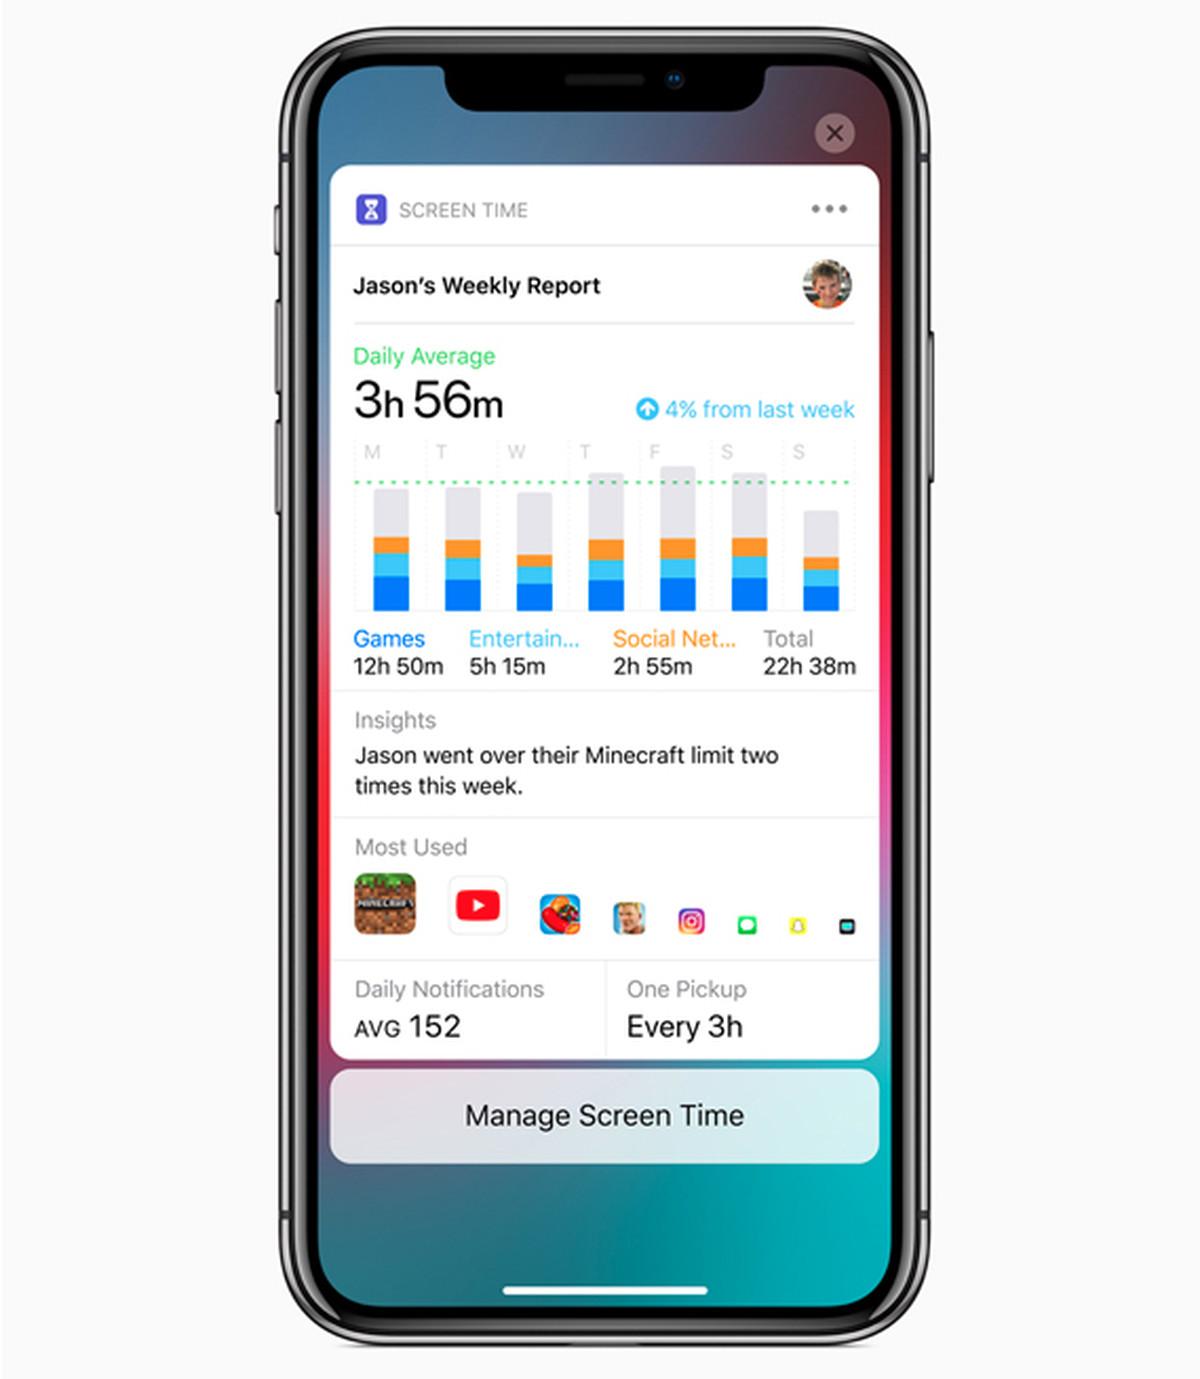 9c3bbc5c4d1 Apple también está aplicando esta abundancia de datos de uso a los  controles parentales, brindando a los padres una mayor supervisión y  supervisión sobre la ...